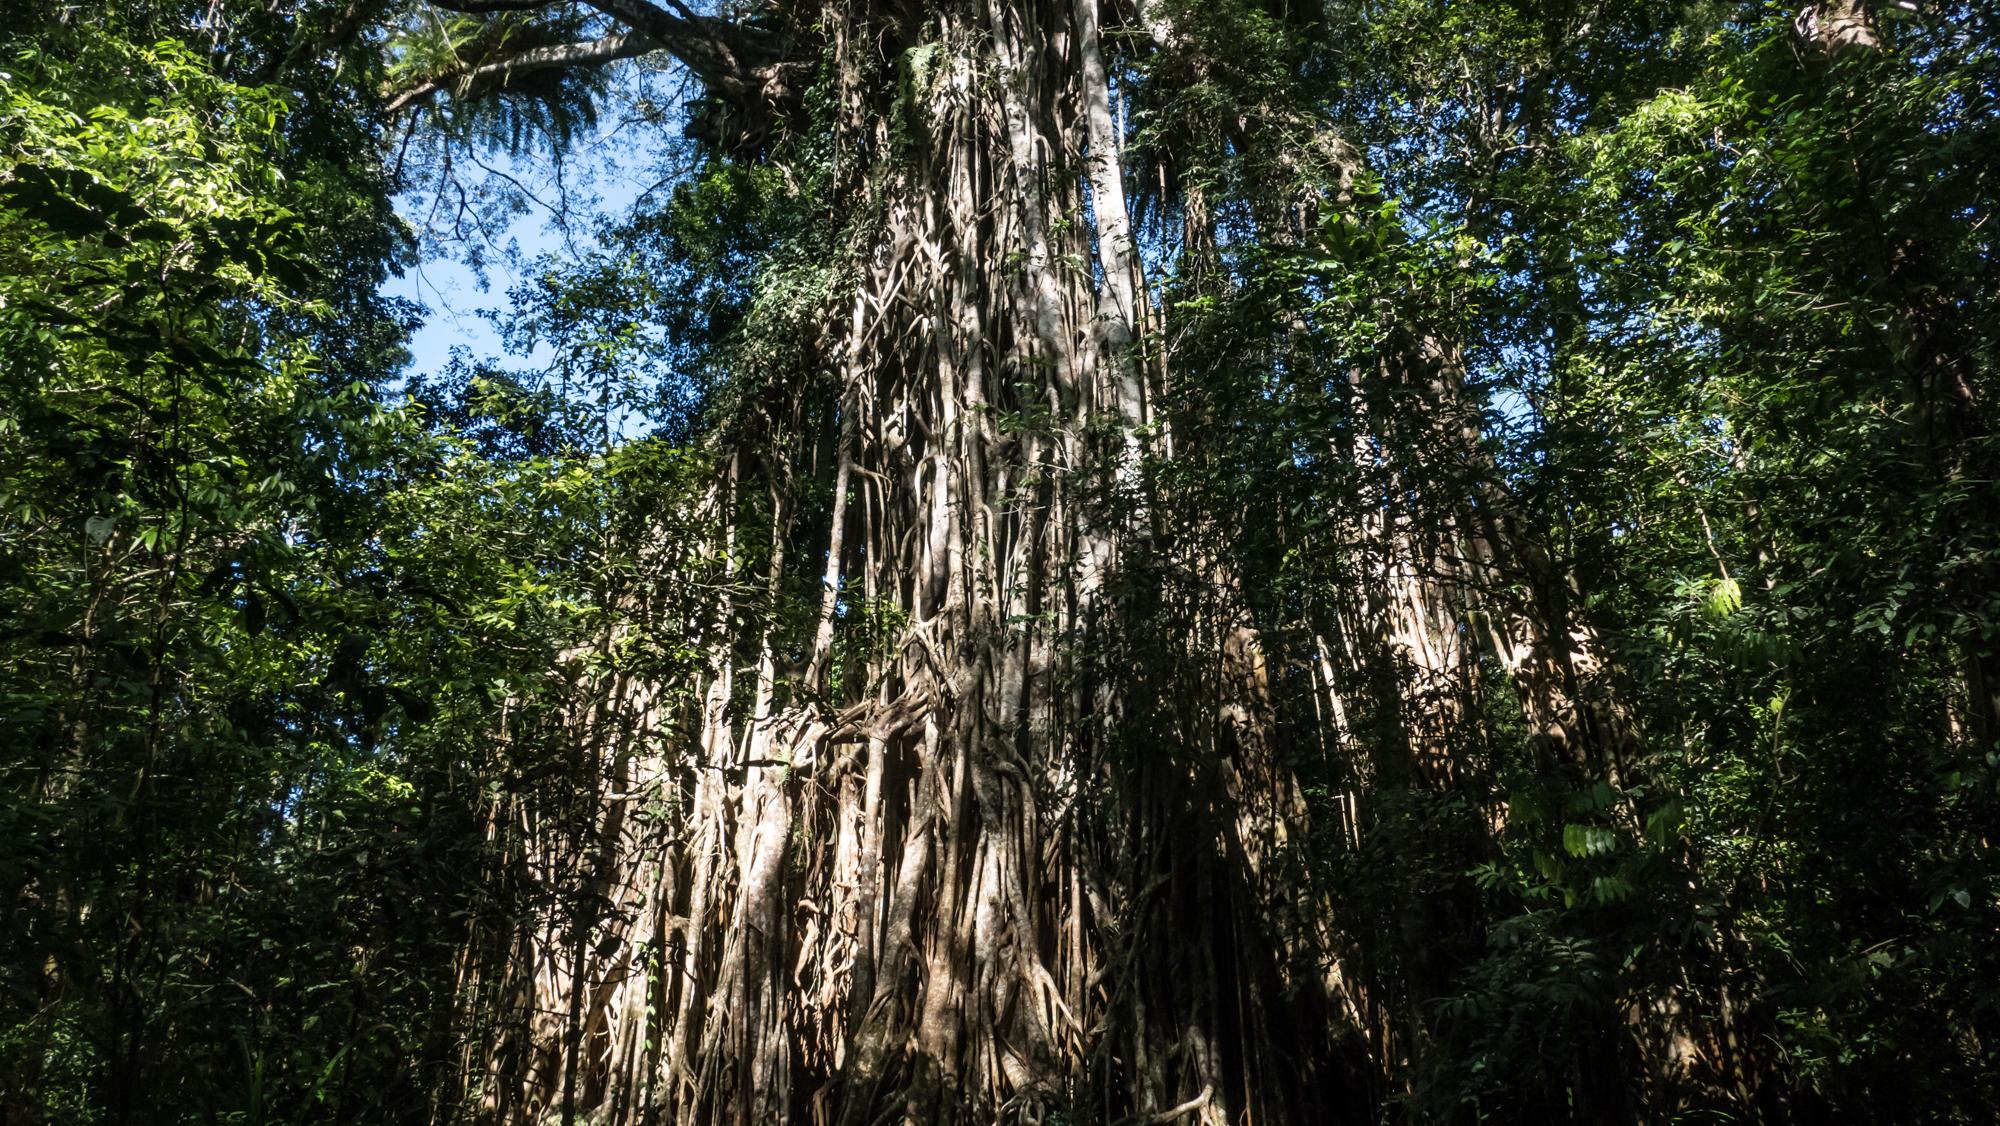 Strangler Cathedral tree